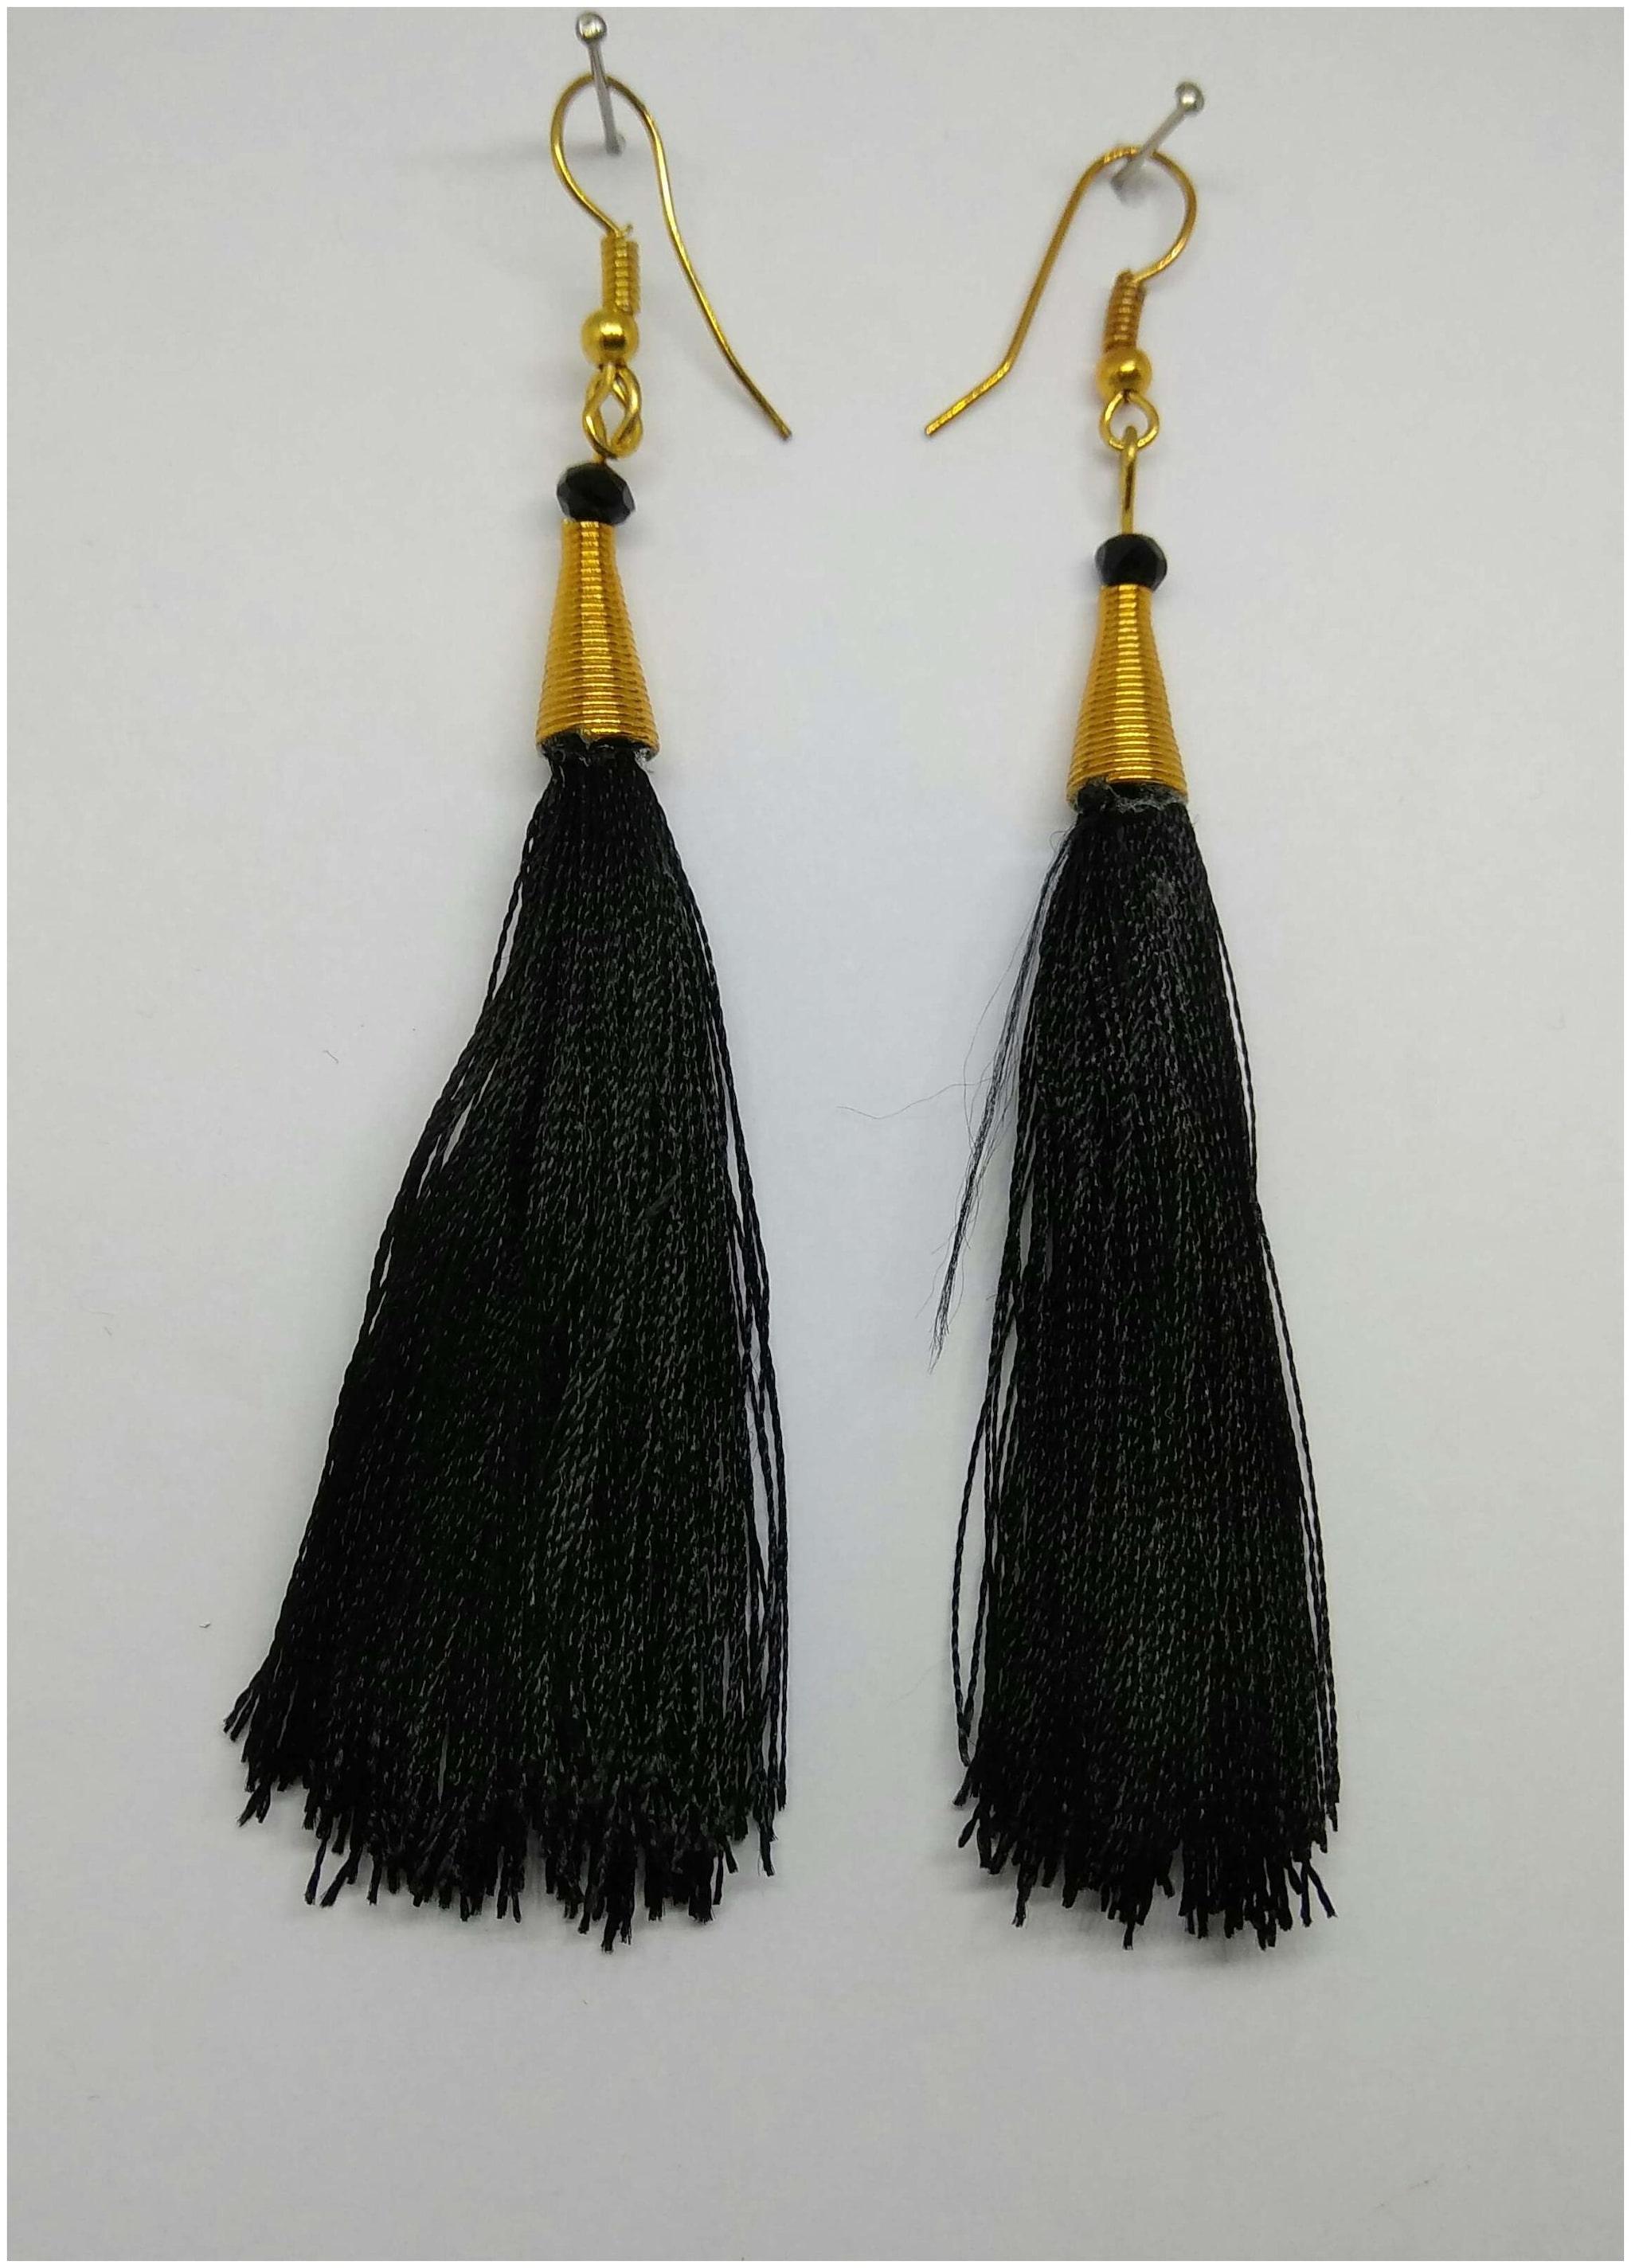 Summer earrings tassel earrings yellow earrings blue esrrings statement earrings long earrings threader earrings